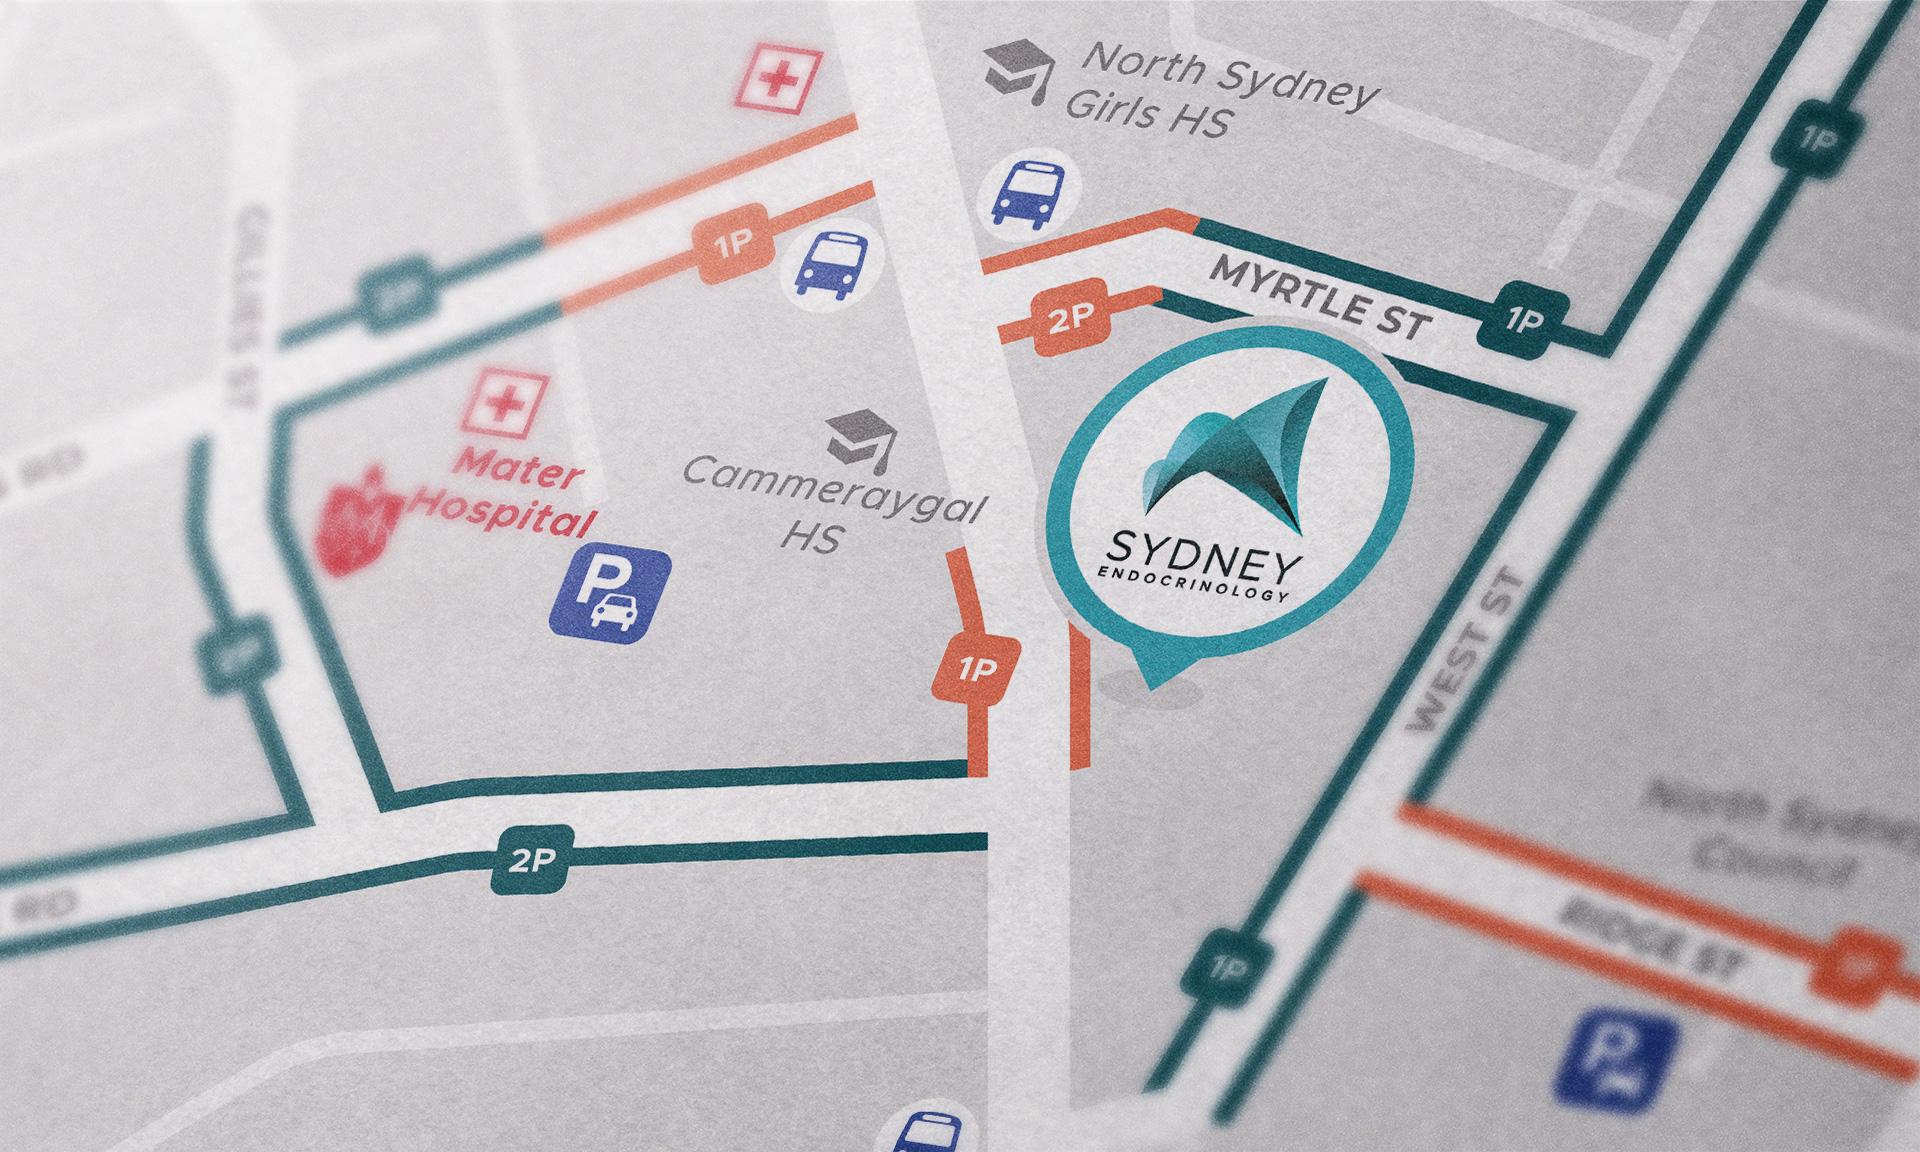 Access map close-up